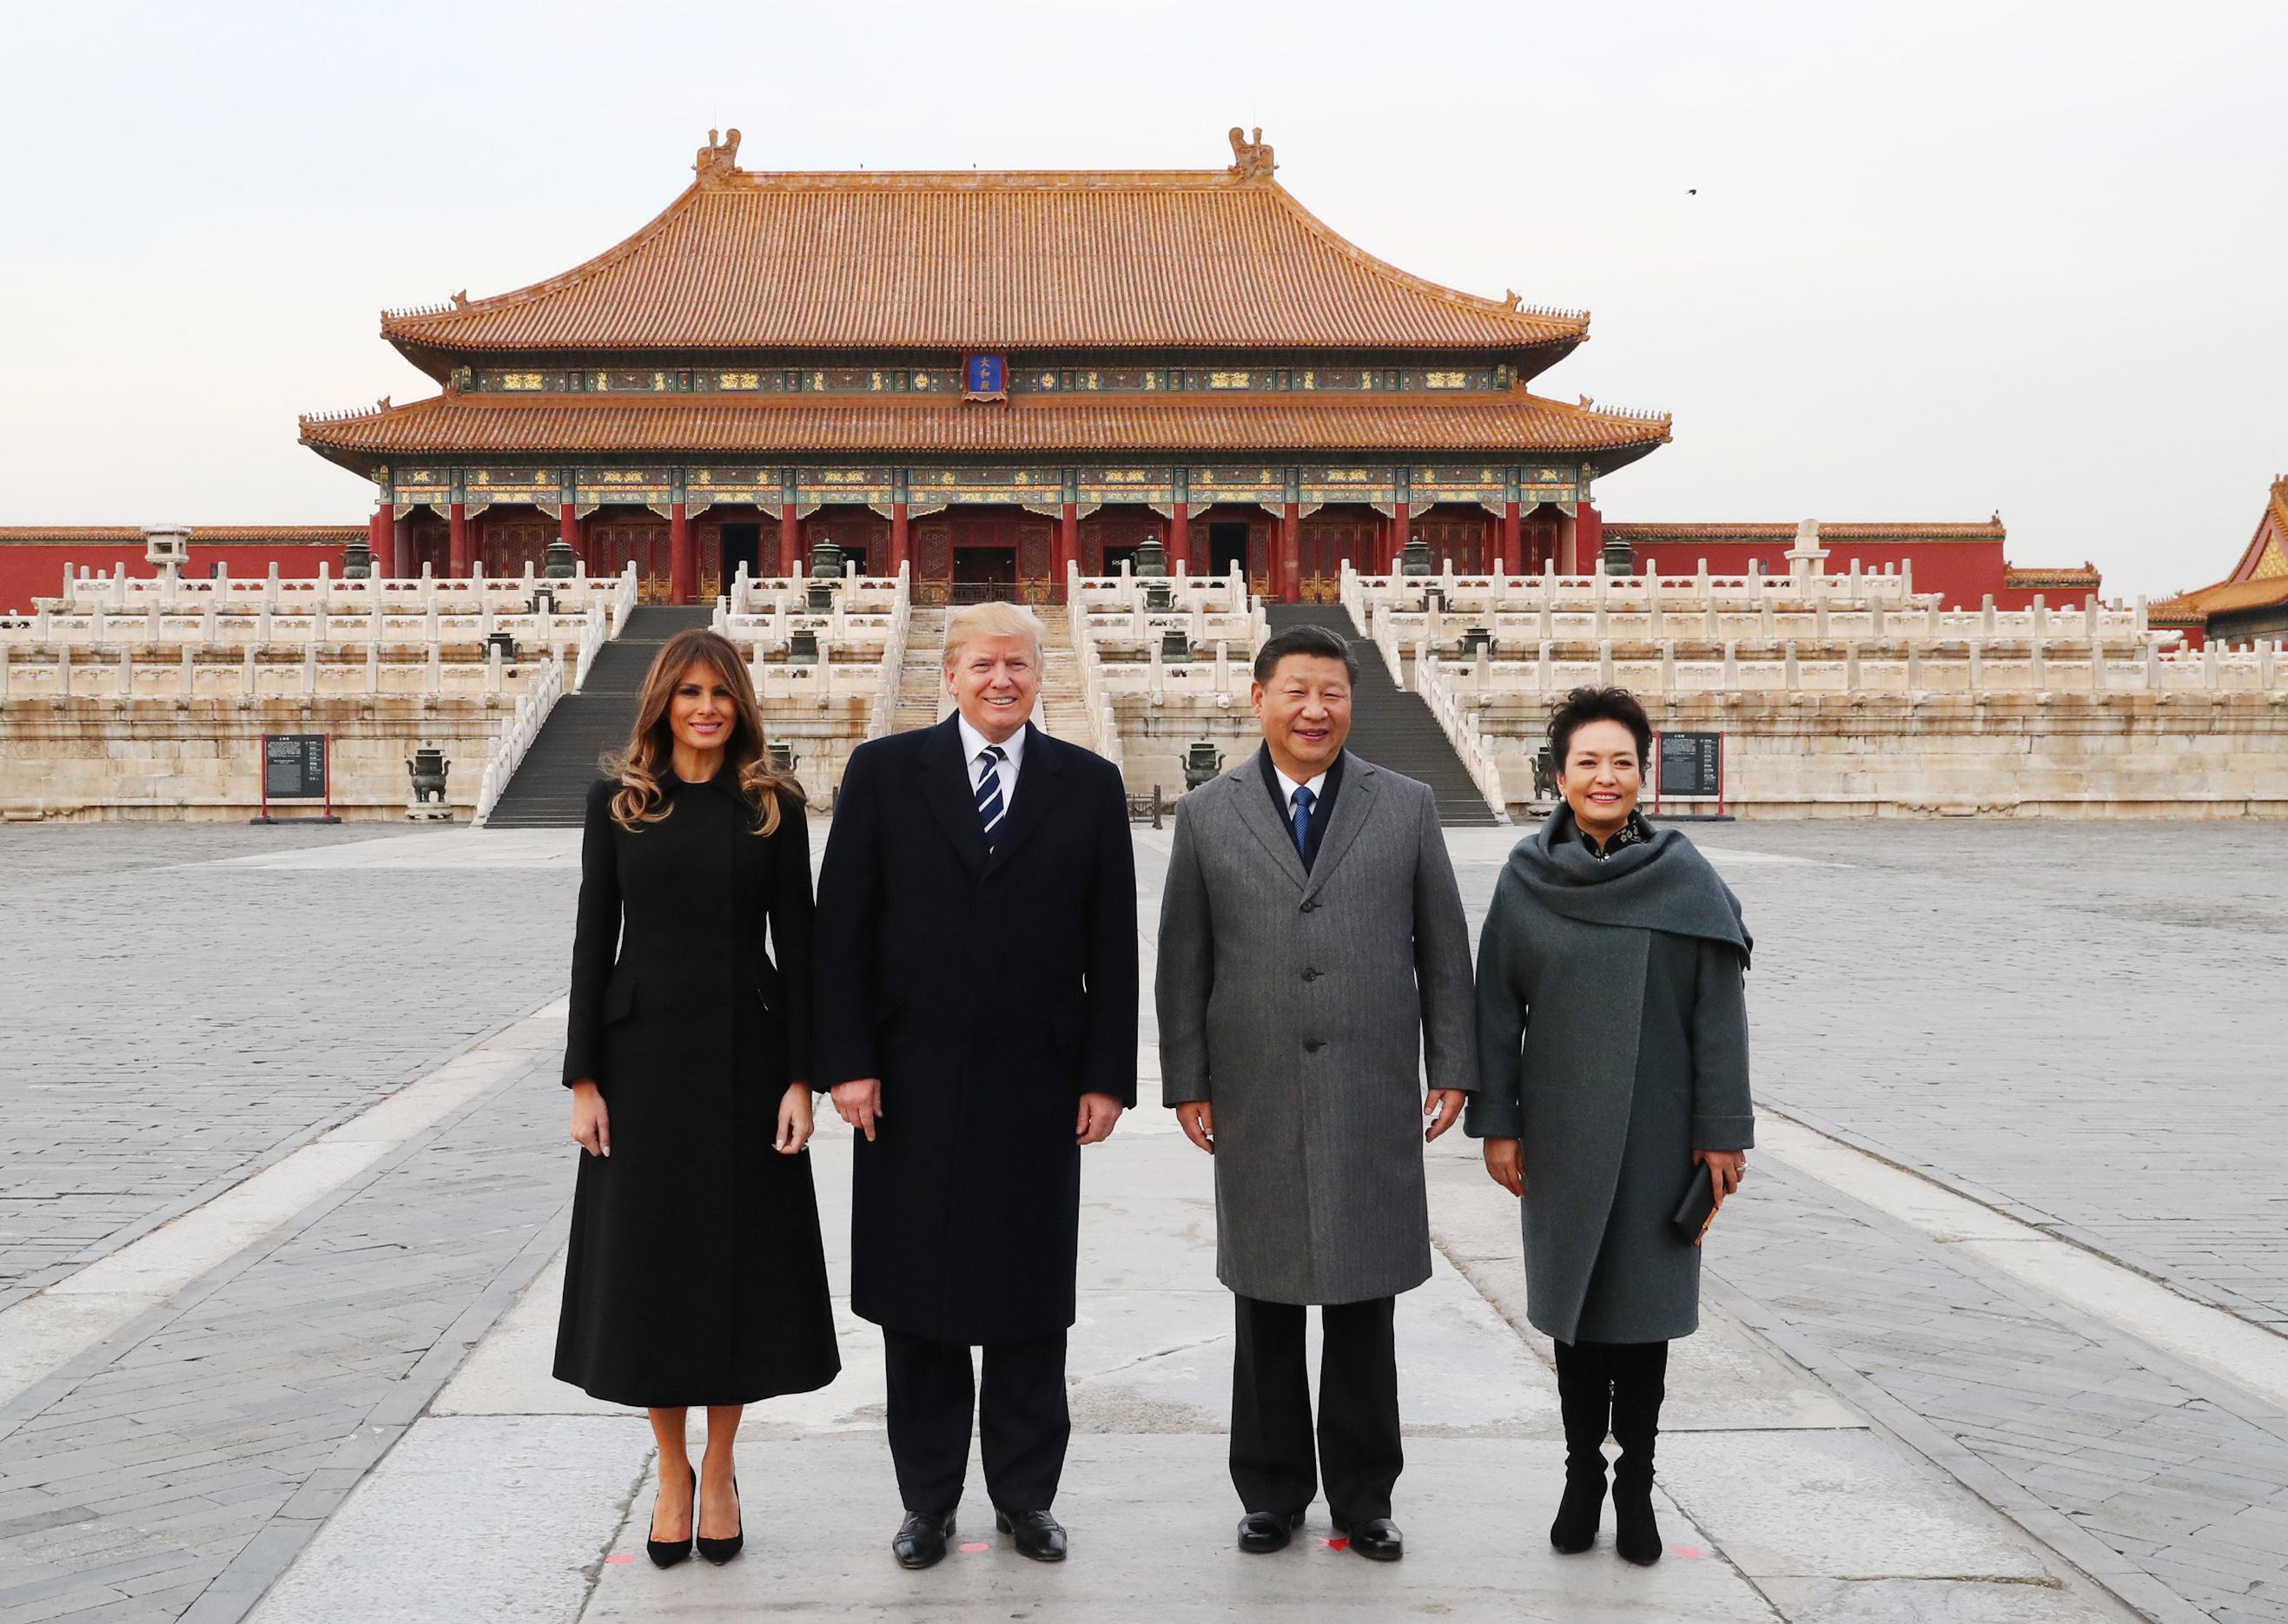 CHINA-BEIJING-XI JINPING-TRUMP-PALACE MUSEUM-VISIT(CN)